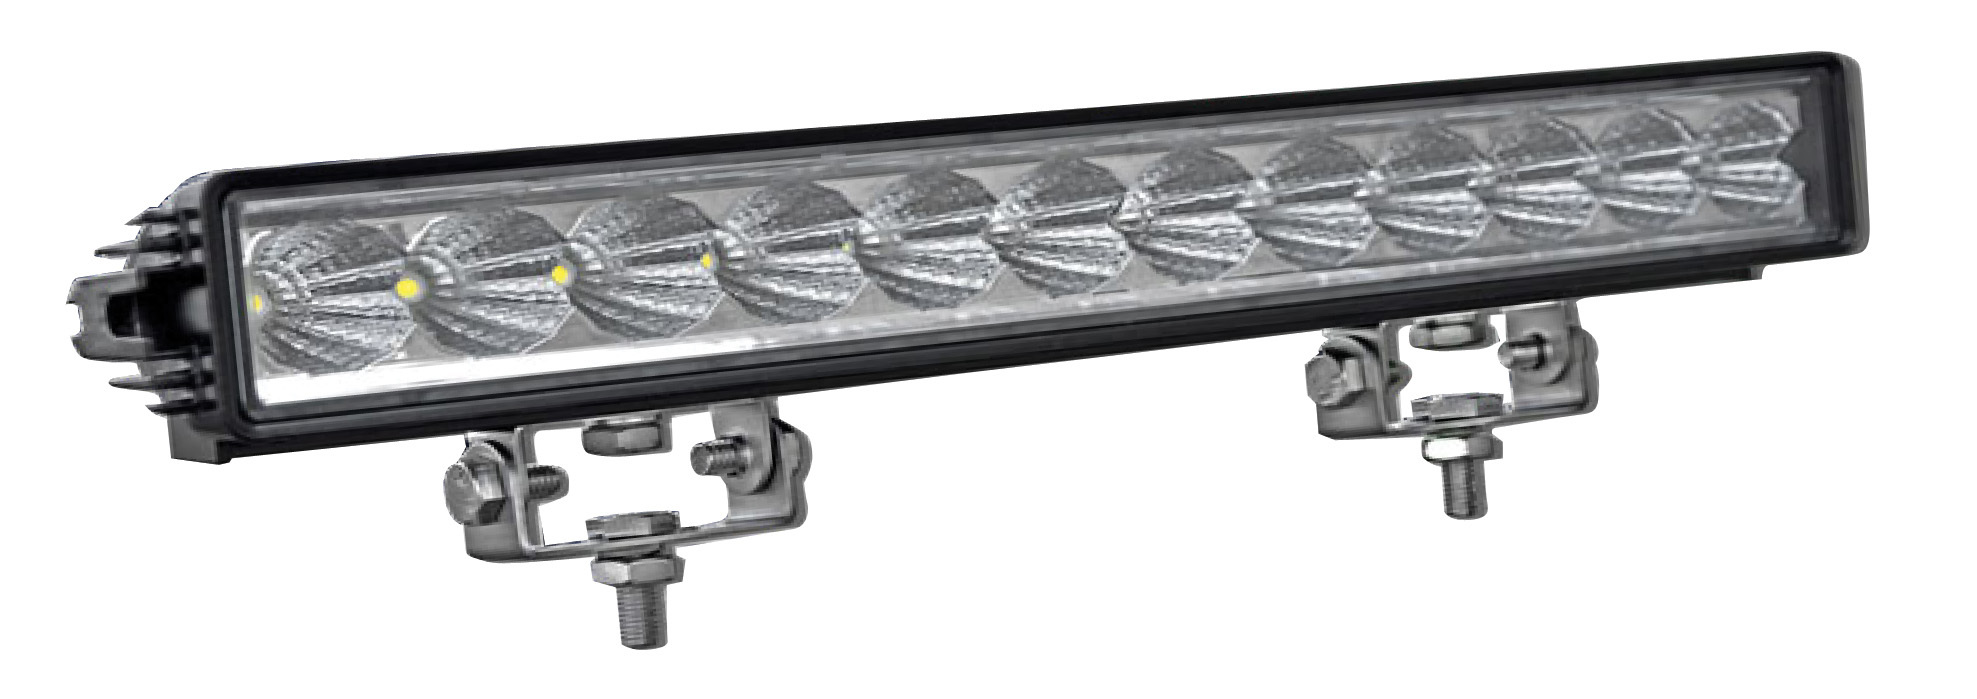 LED Light Bar - Single Row 71098